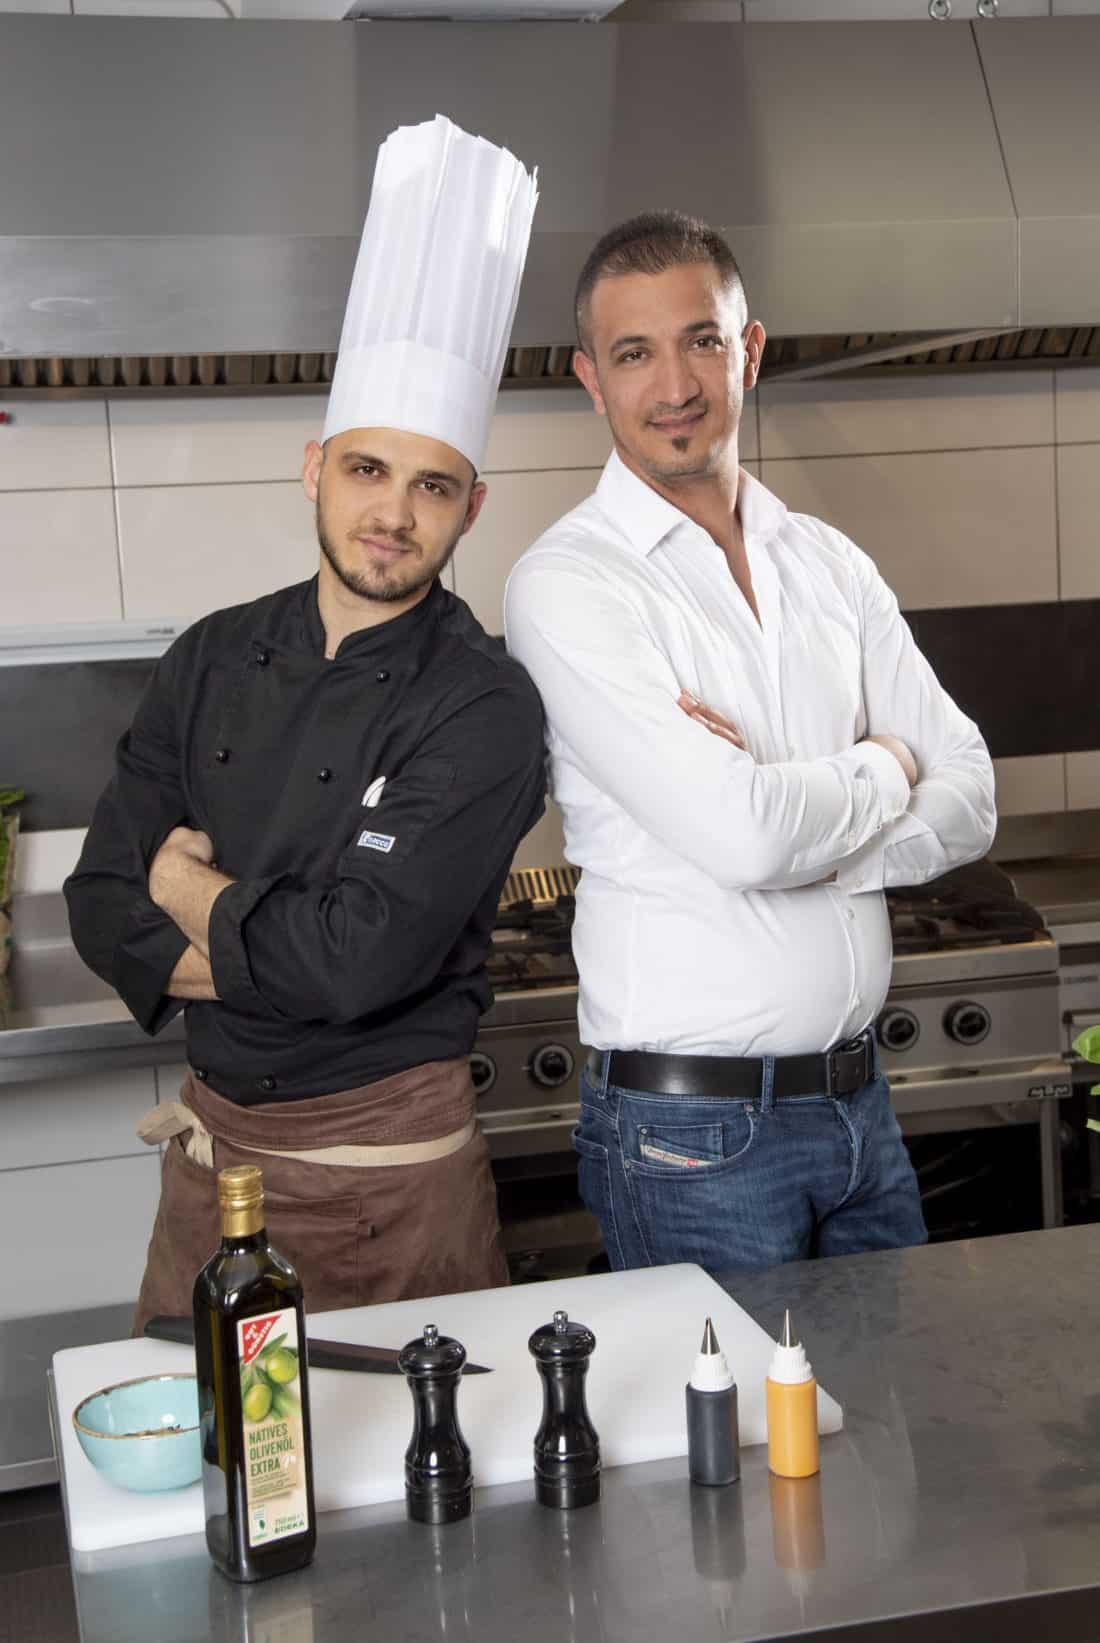 Designstuuv Teamfotografie Michelangelo Koch und Chef